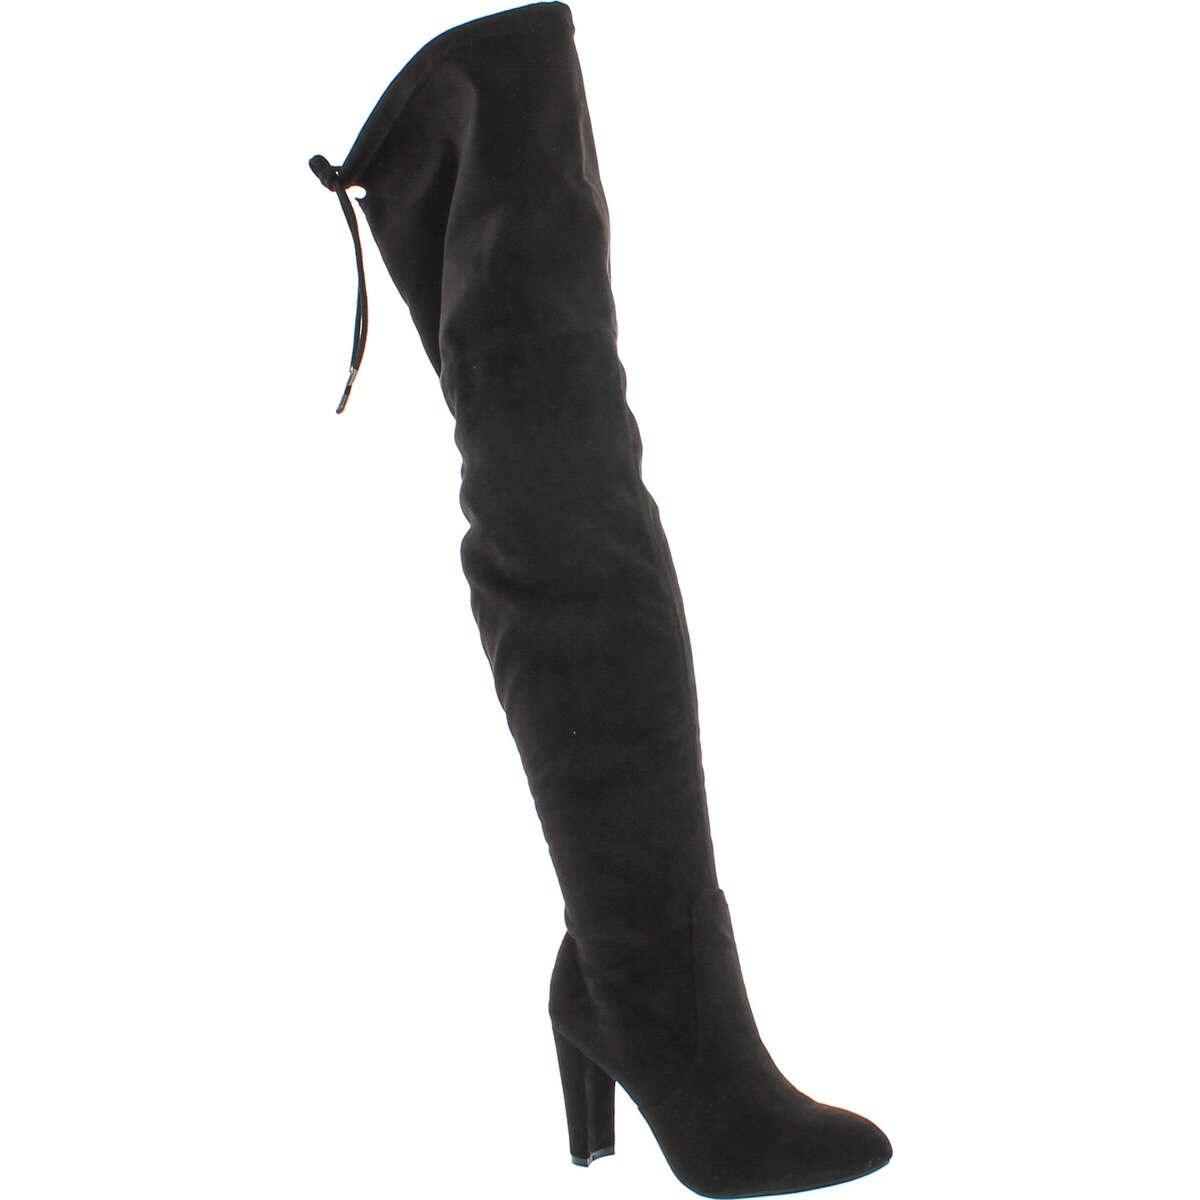 54d7d188fc6a CAPE ROBBIN Women s Shoes